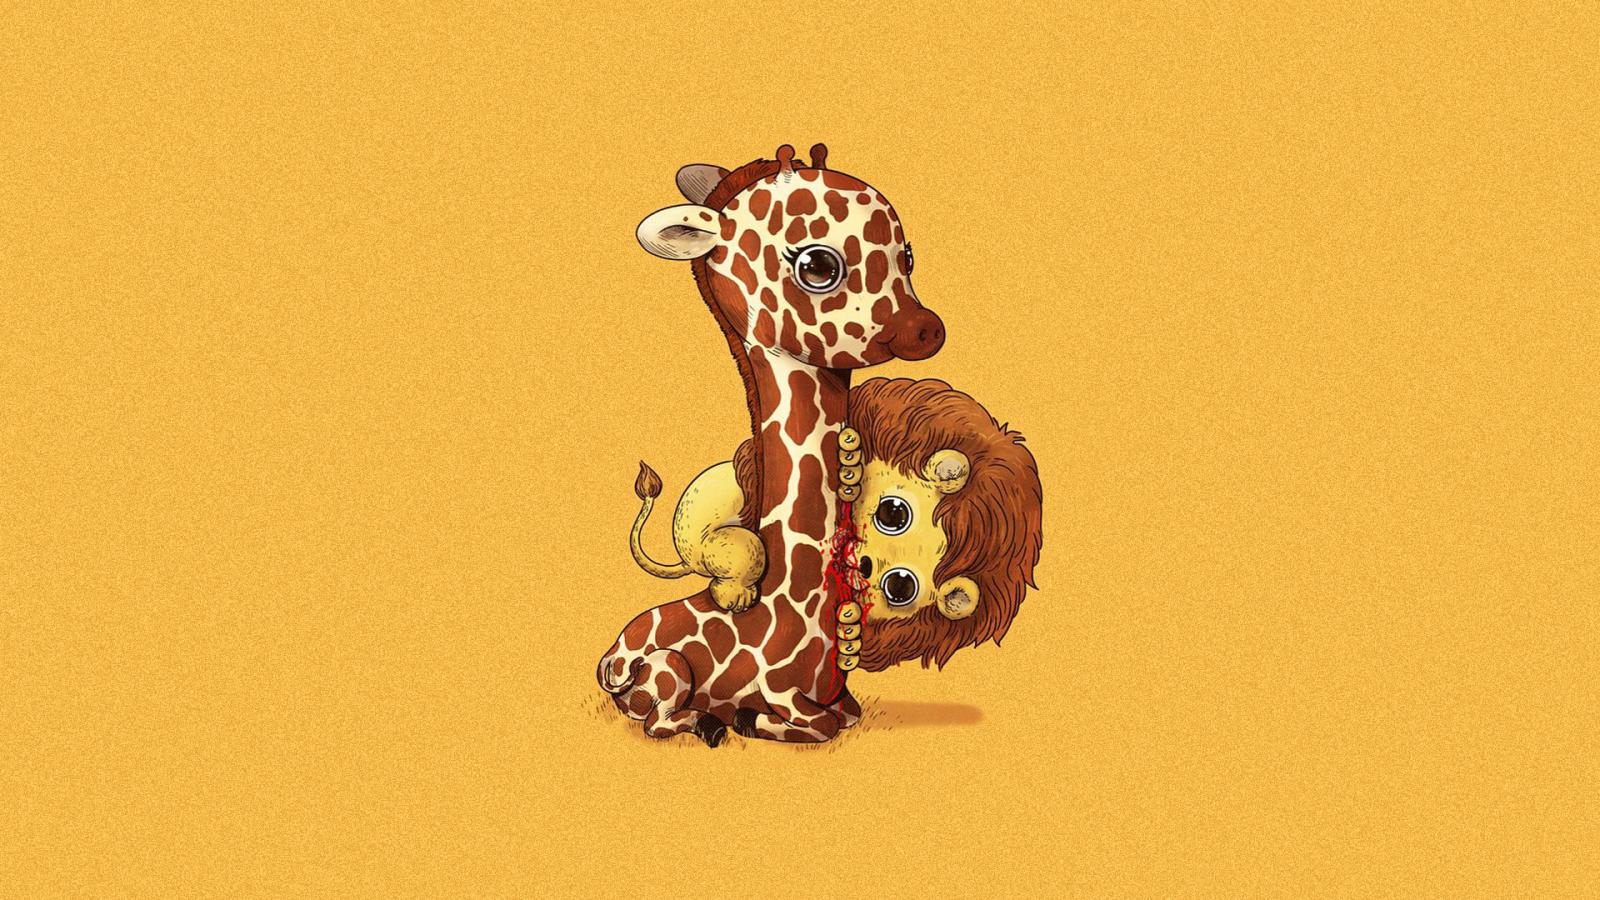 Fondos De Pantalla De Jirafas: Fondos De Pantalla : Ilustración, Animales, Minimalismo